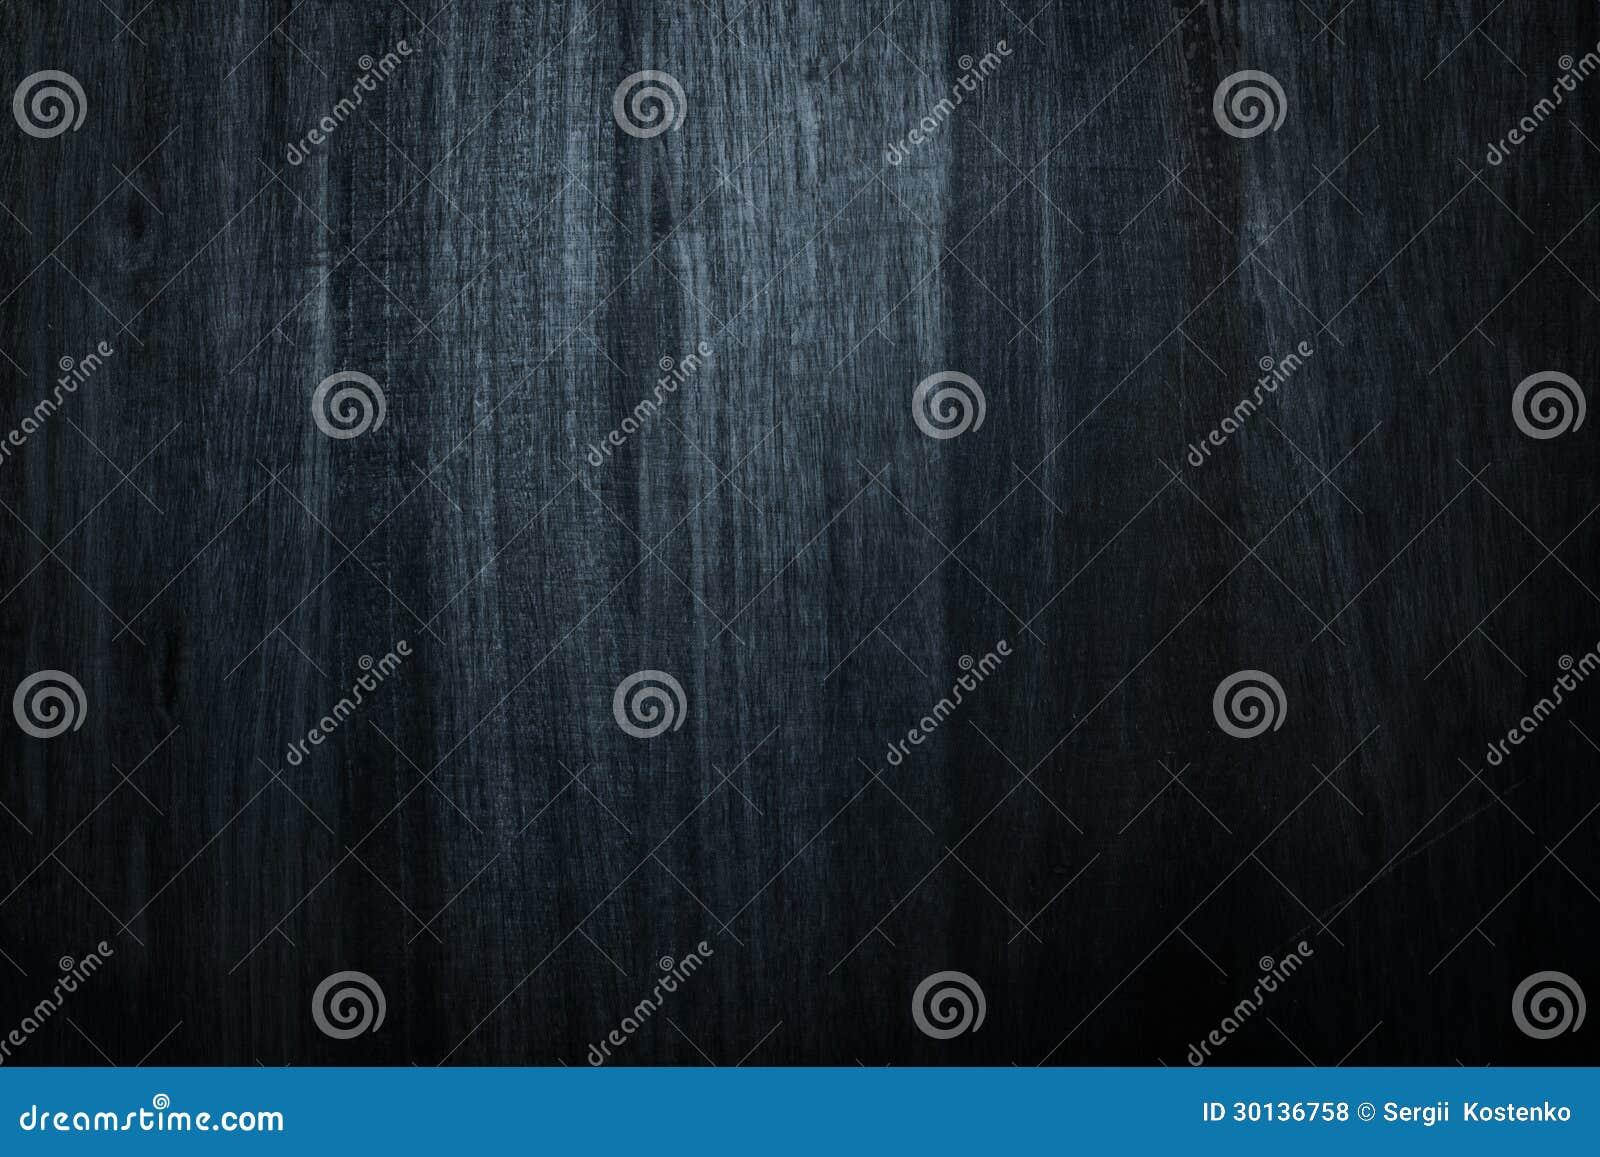 Dark wood blue texture background